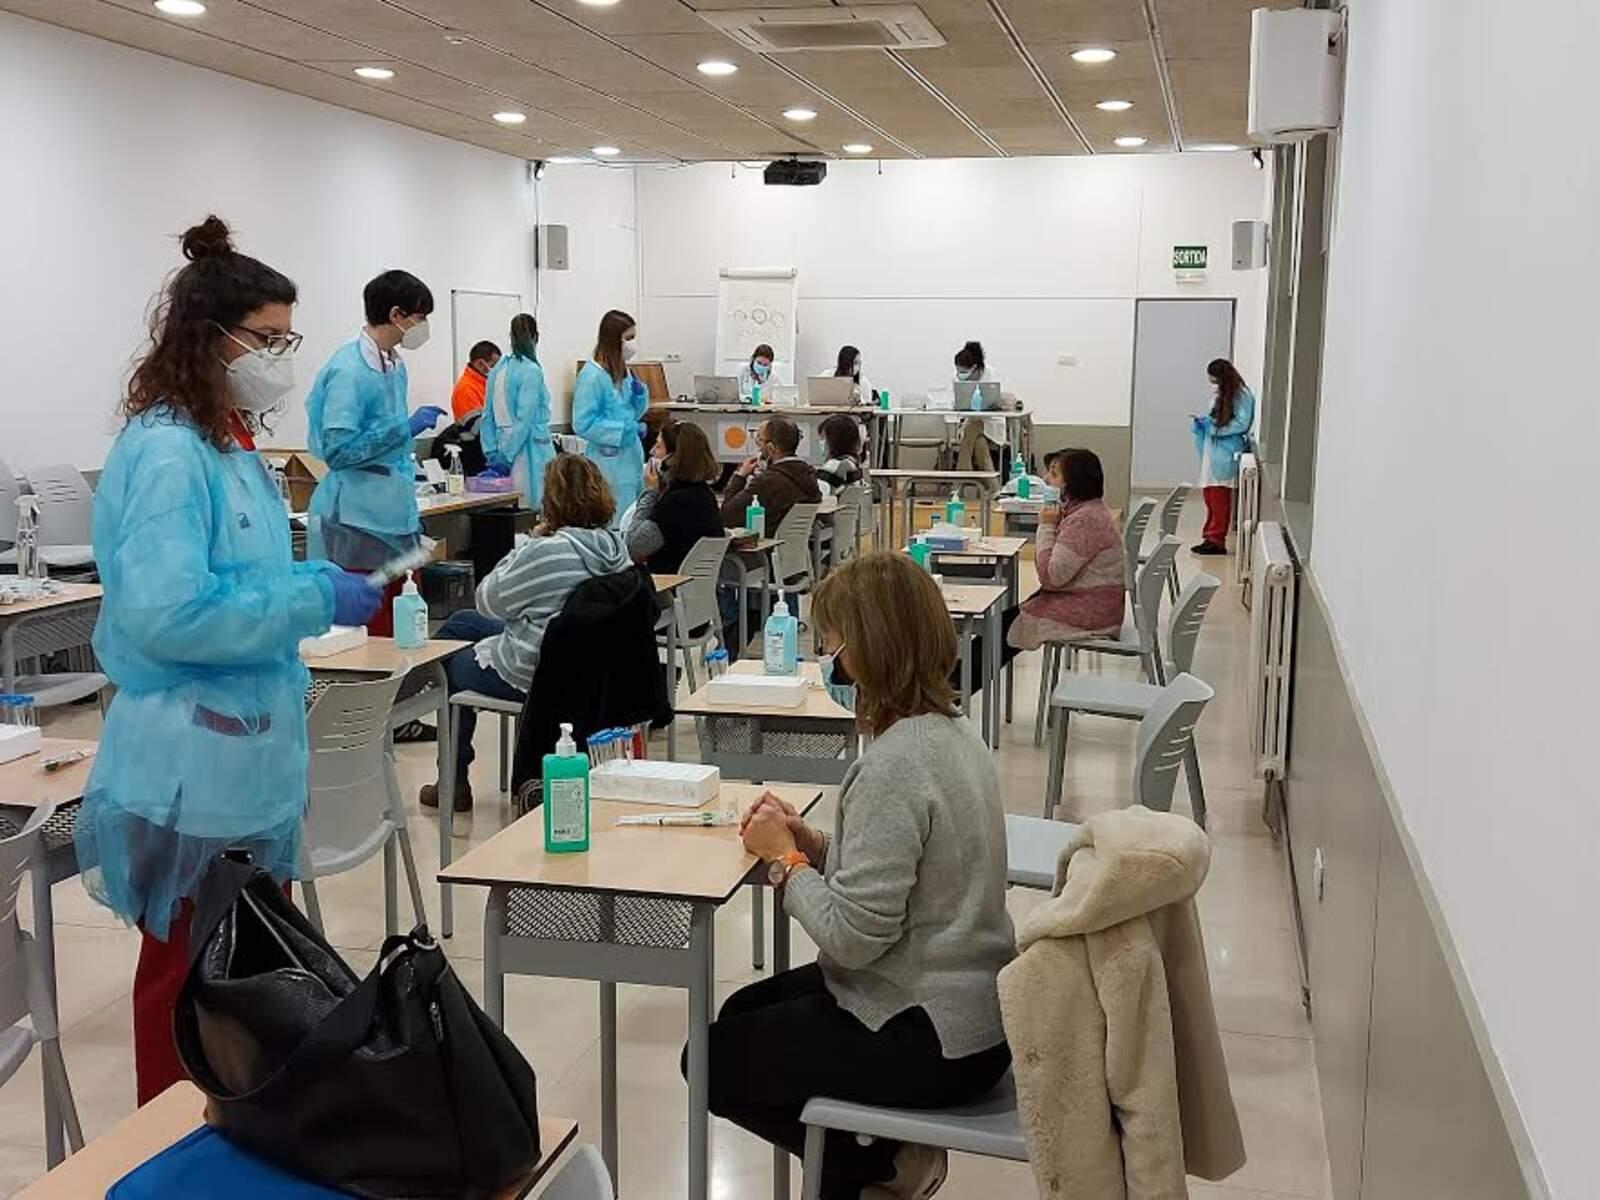 Sala de l'escola Tecnos equipada per realitzar les proves de la Covid